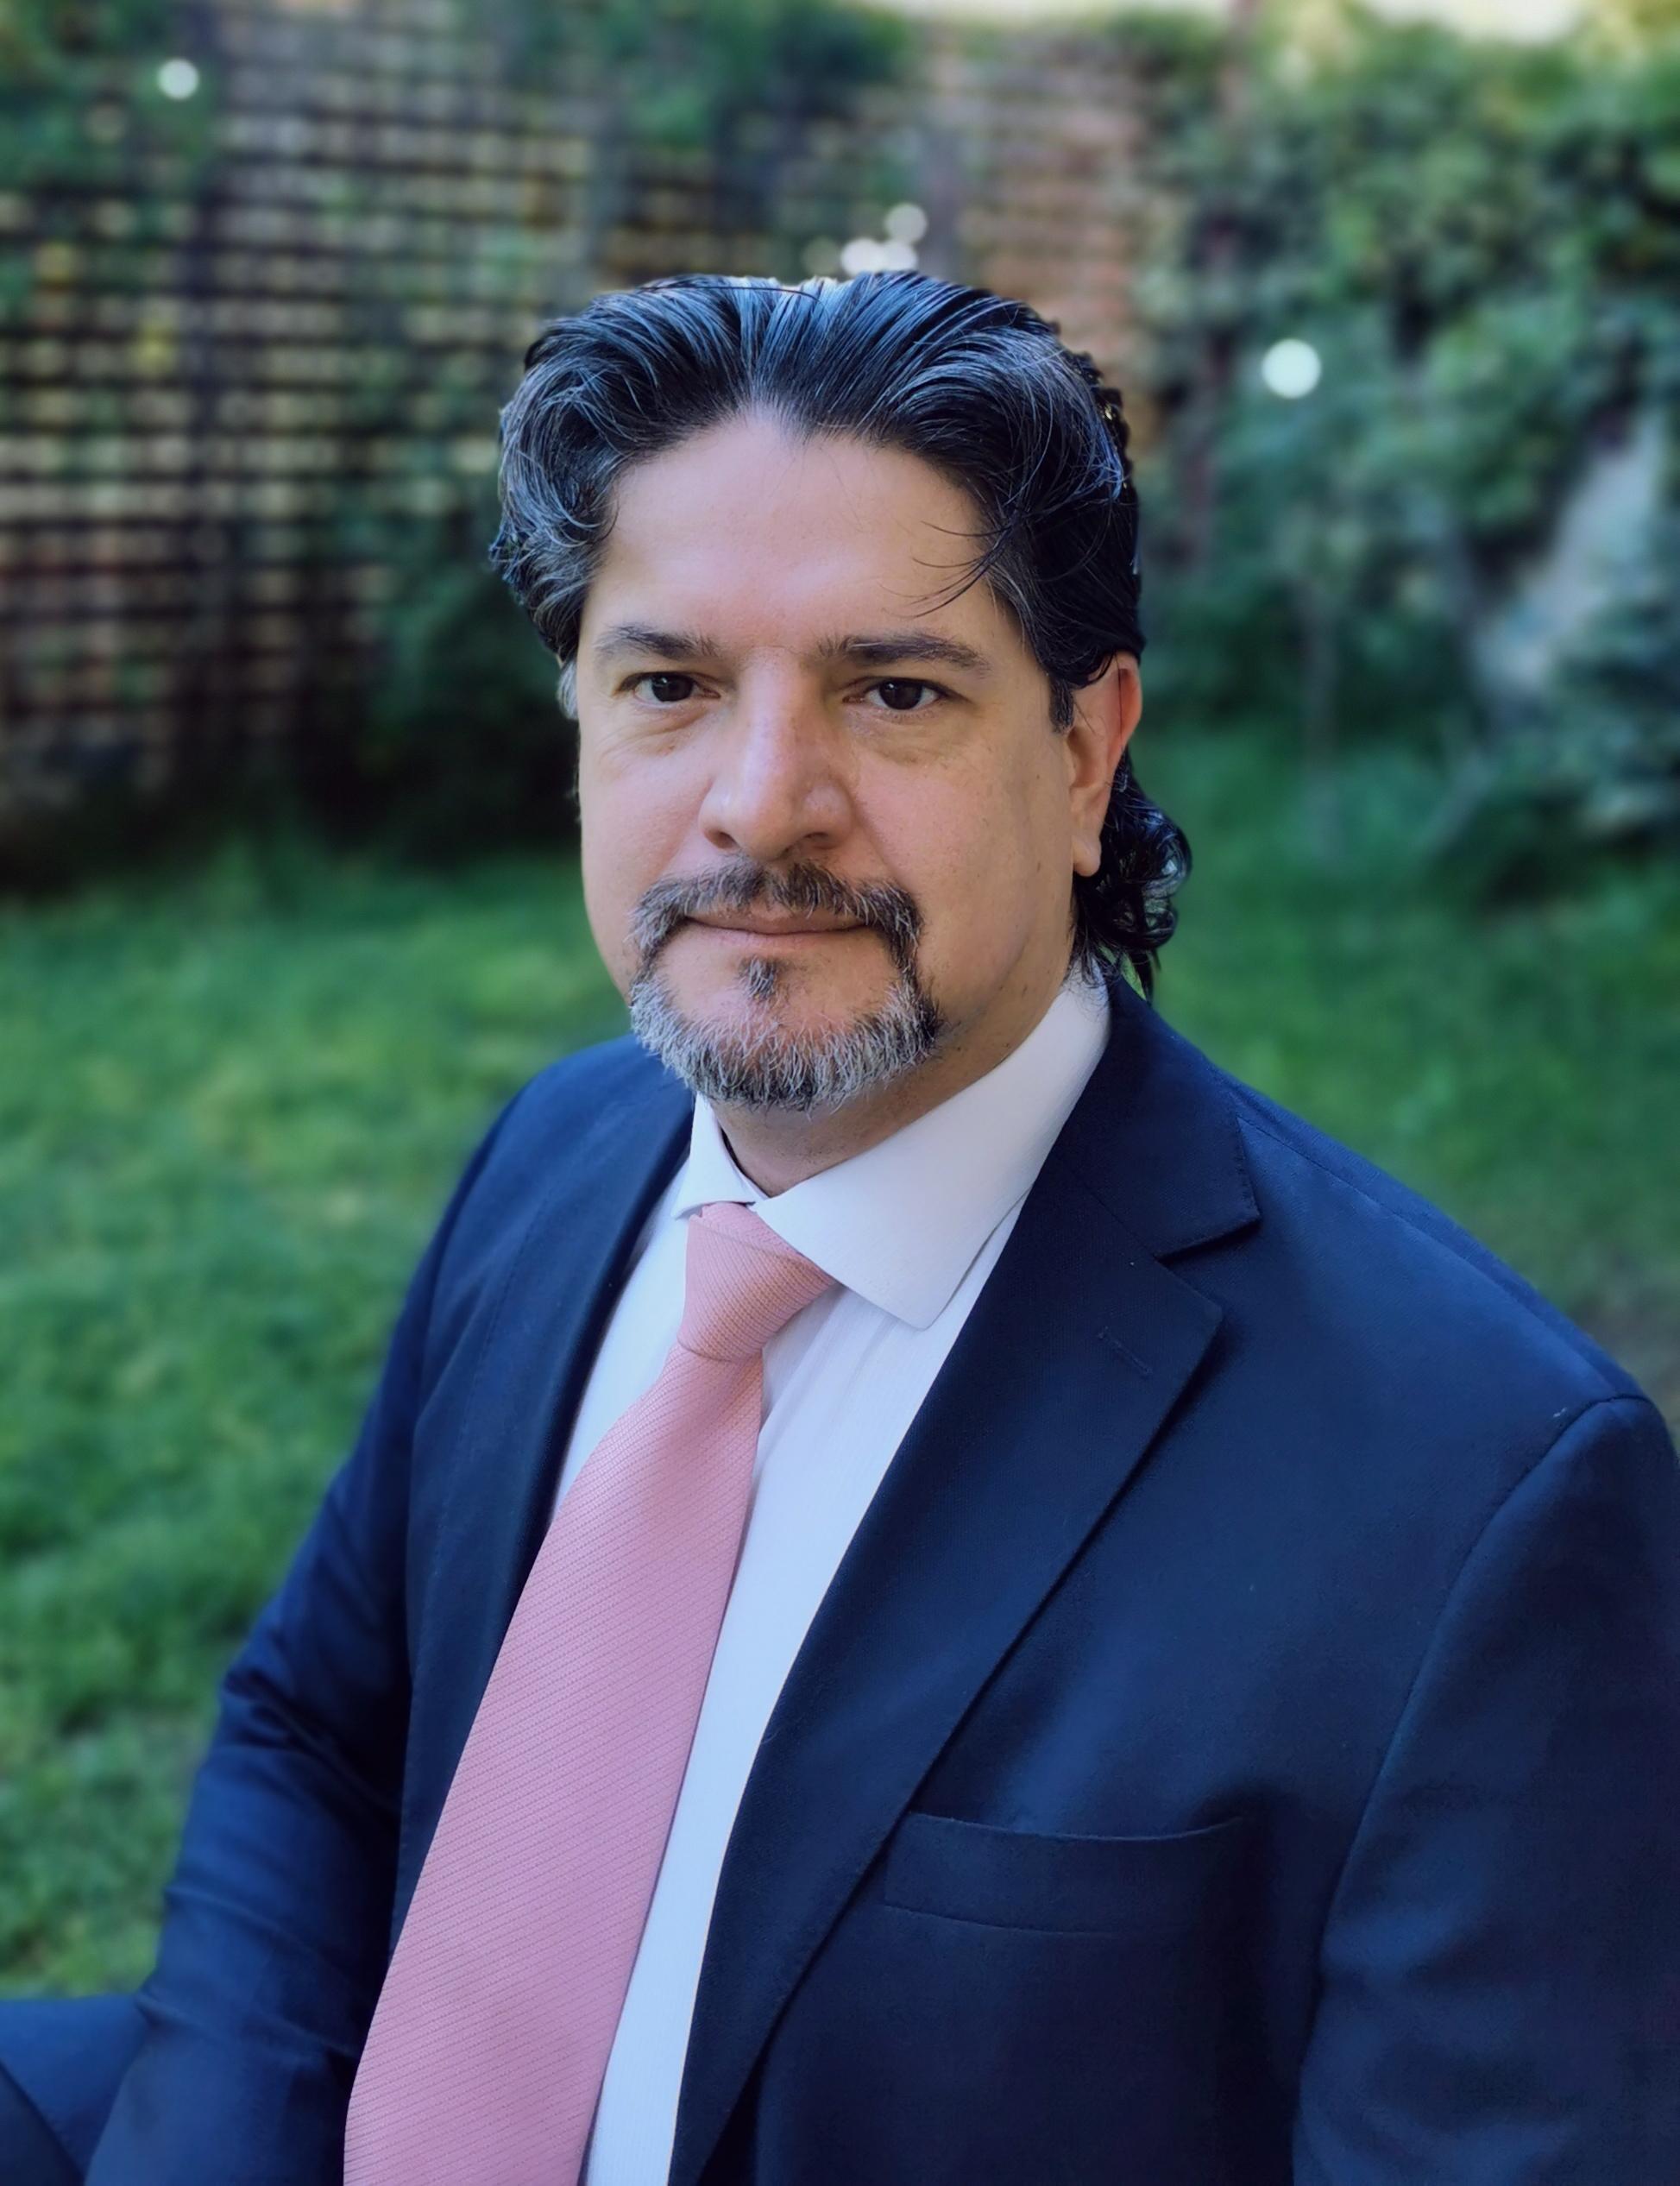 Por Claudio Ordóñez, Líder de Ciberseguridad de Accenture Chile